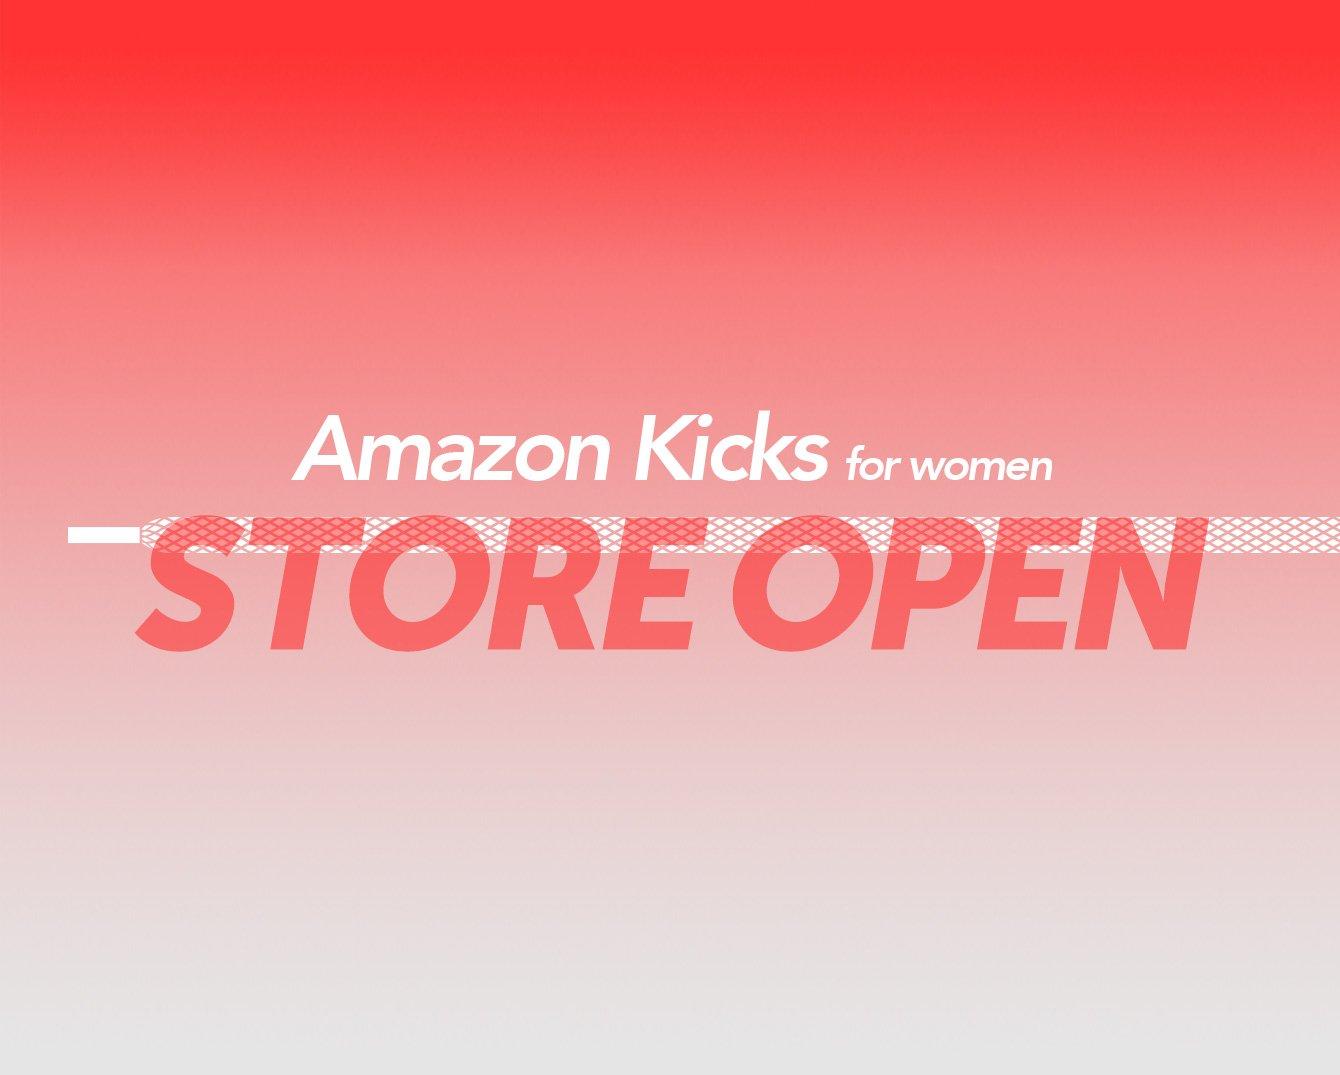 Amazon Kicks woman